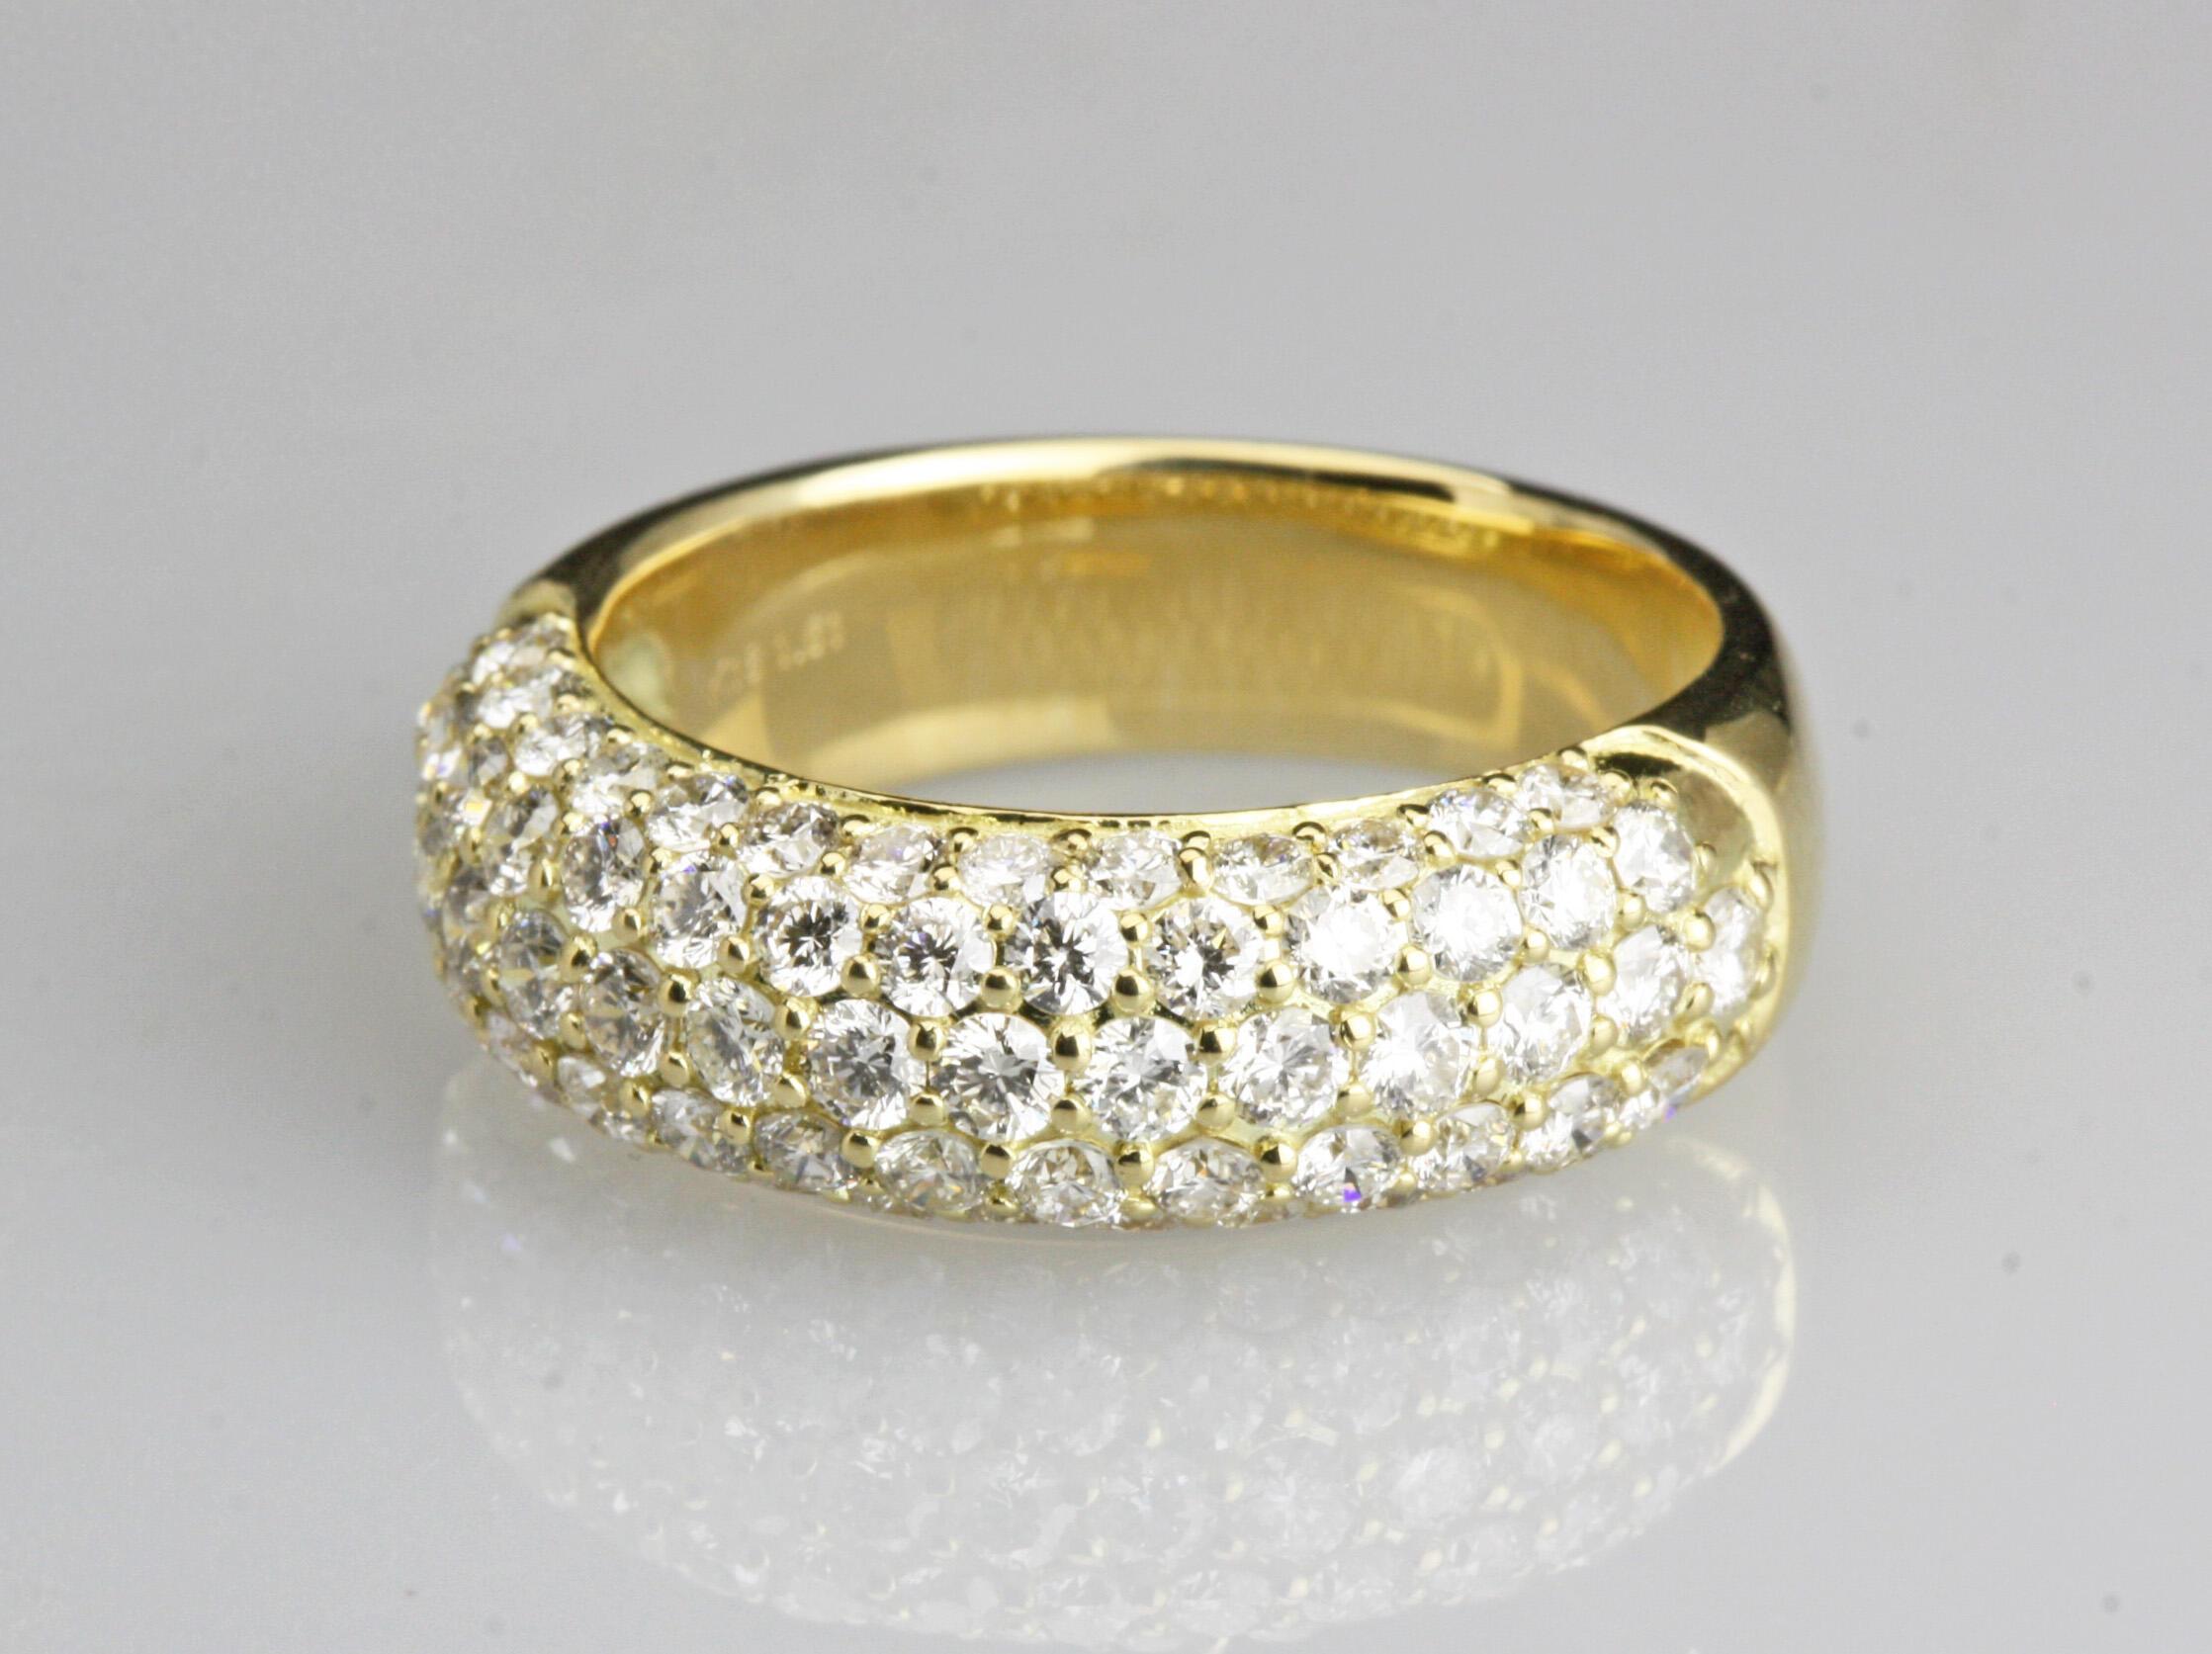 k18枠ダイヤモンド1.61ctパべリング